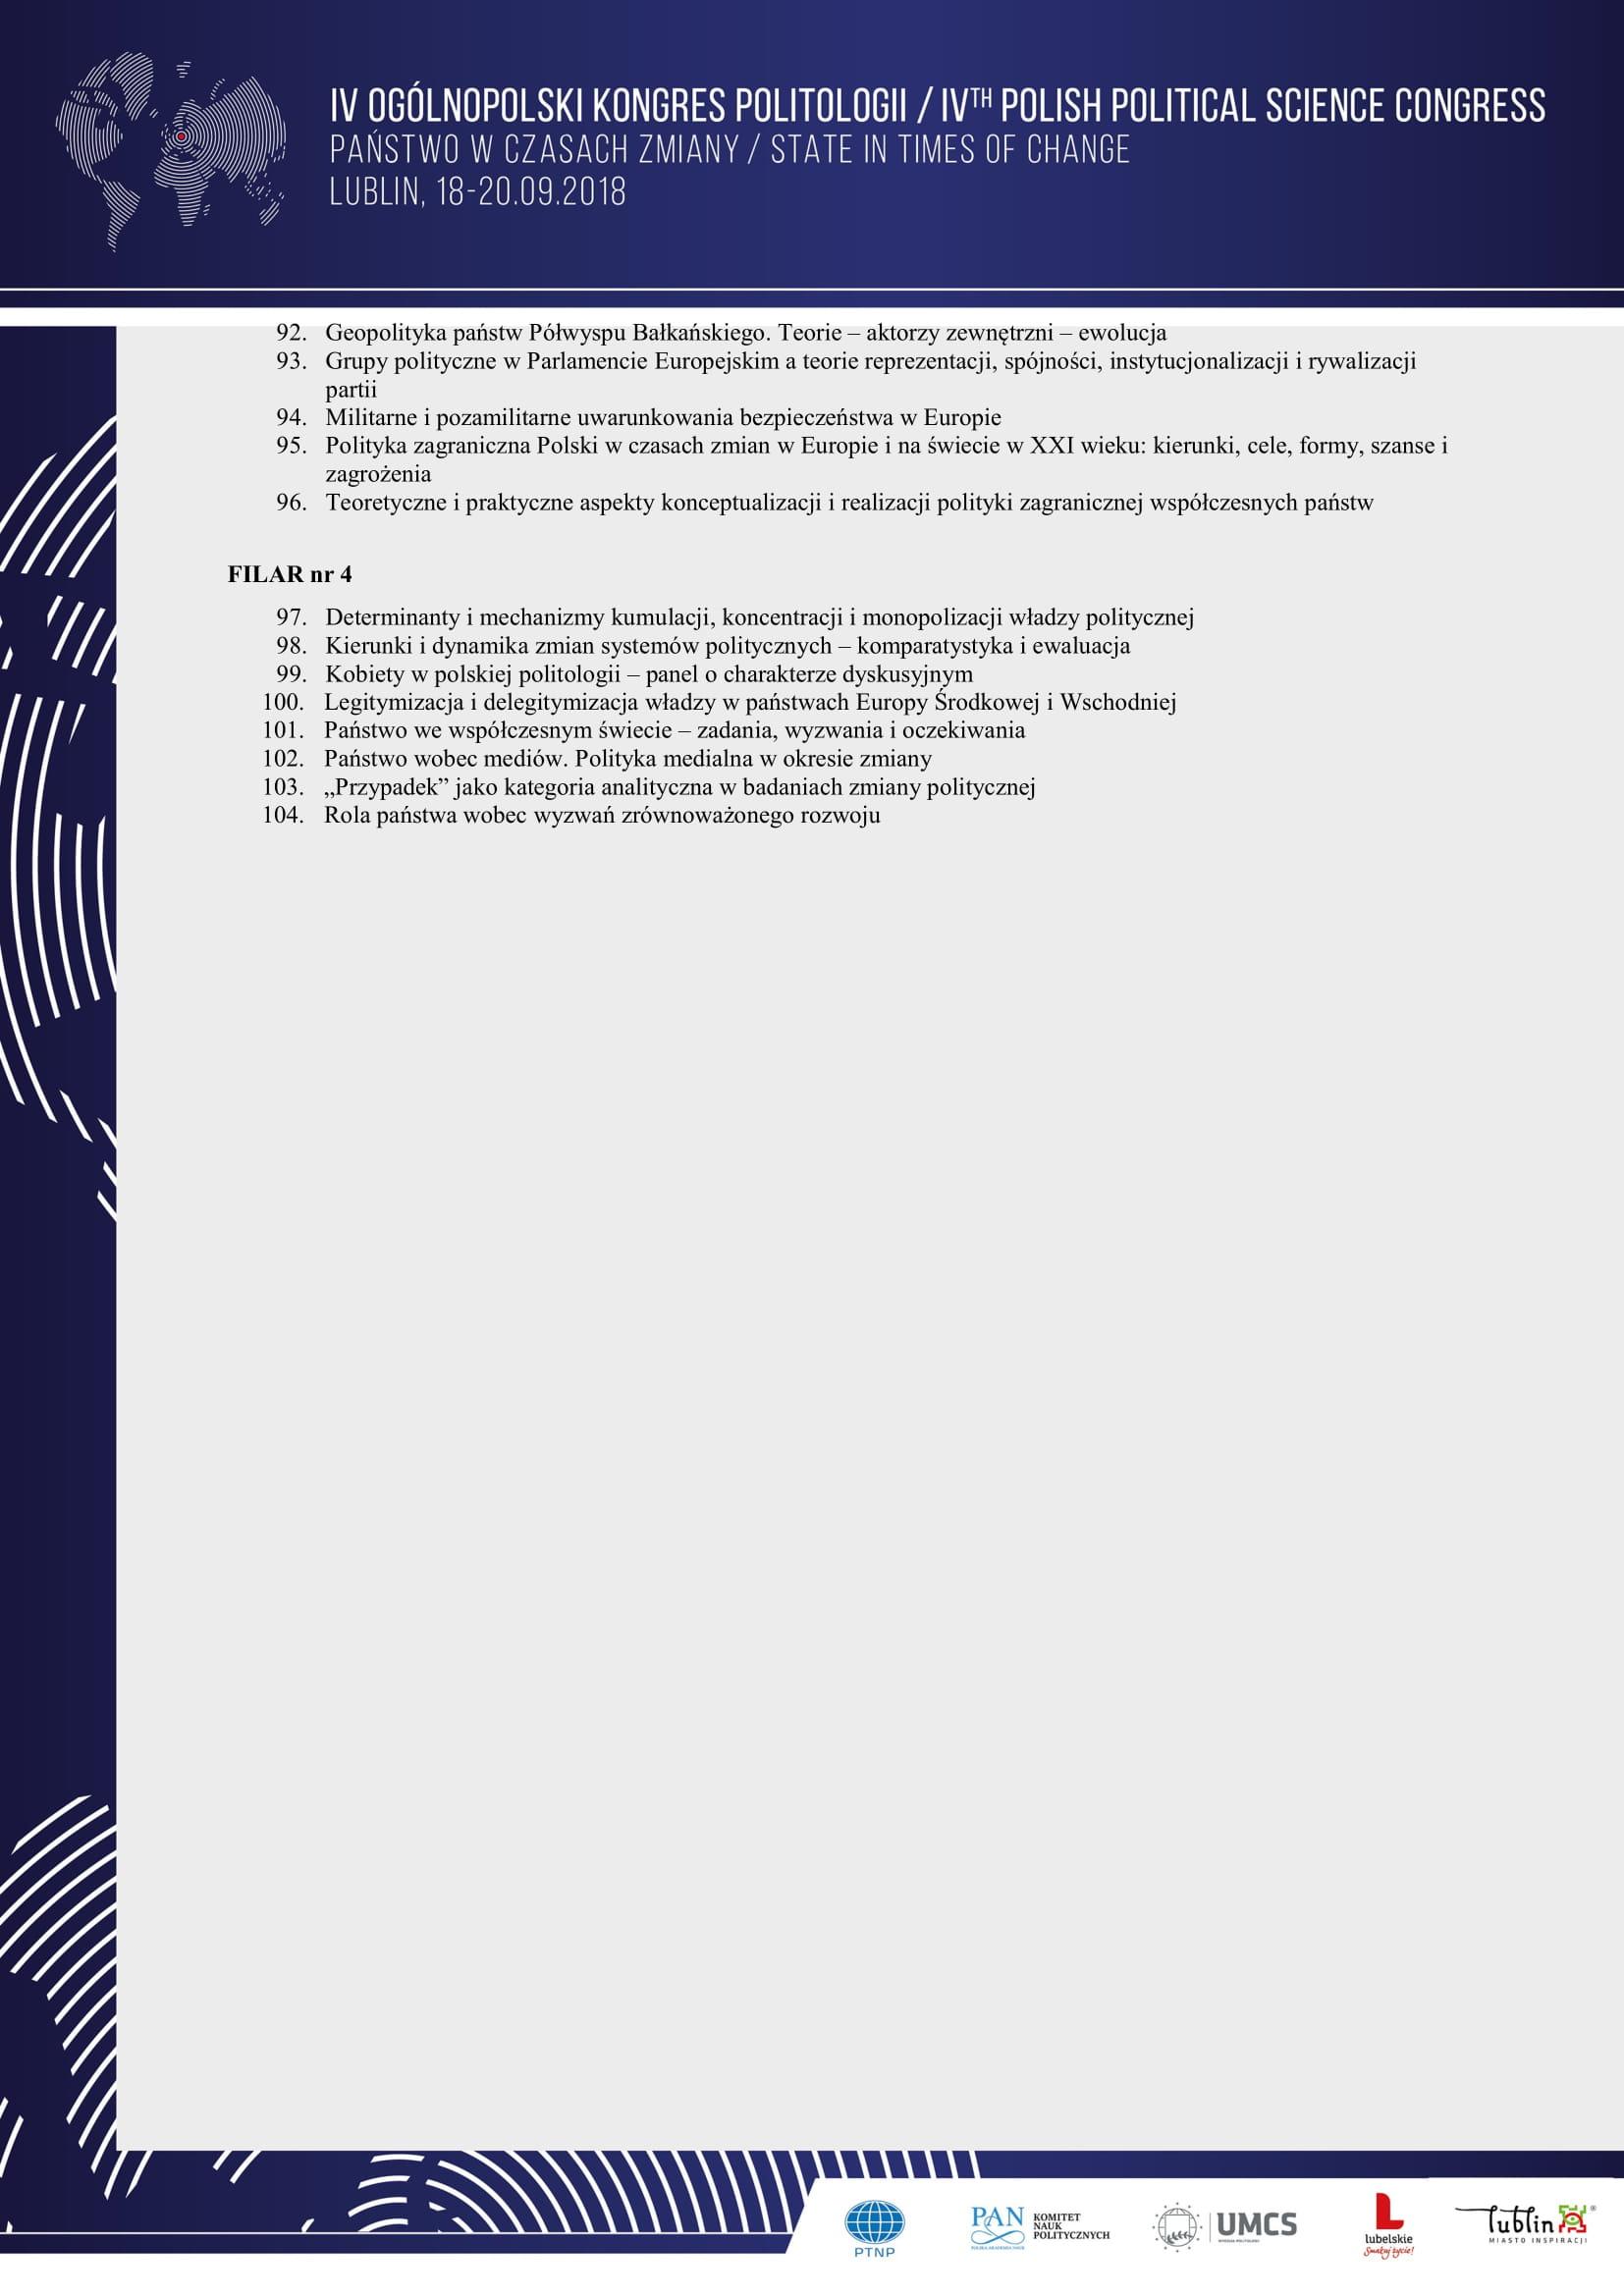 Program ramowy IV Ogólnopolskiego Kongresu Politologii - Państwo w  czasach zmiany-5.jpg